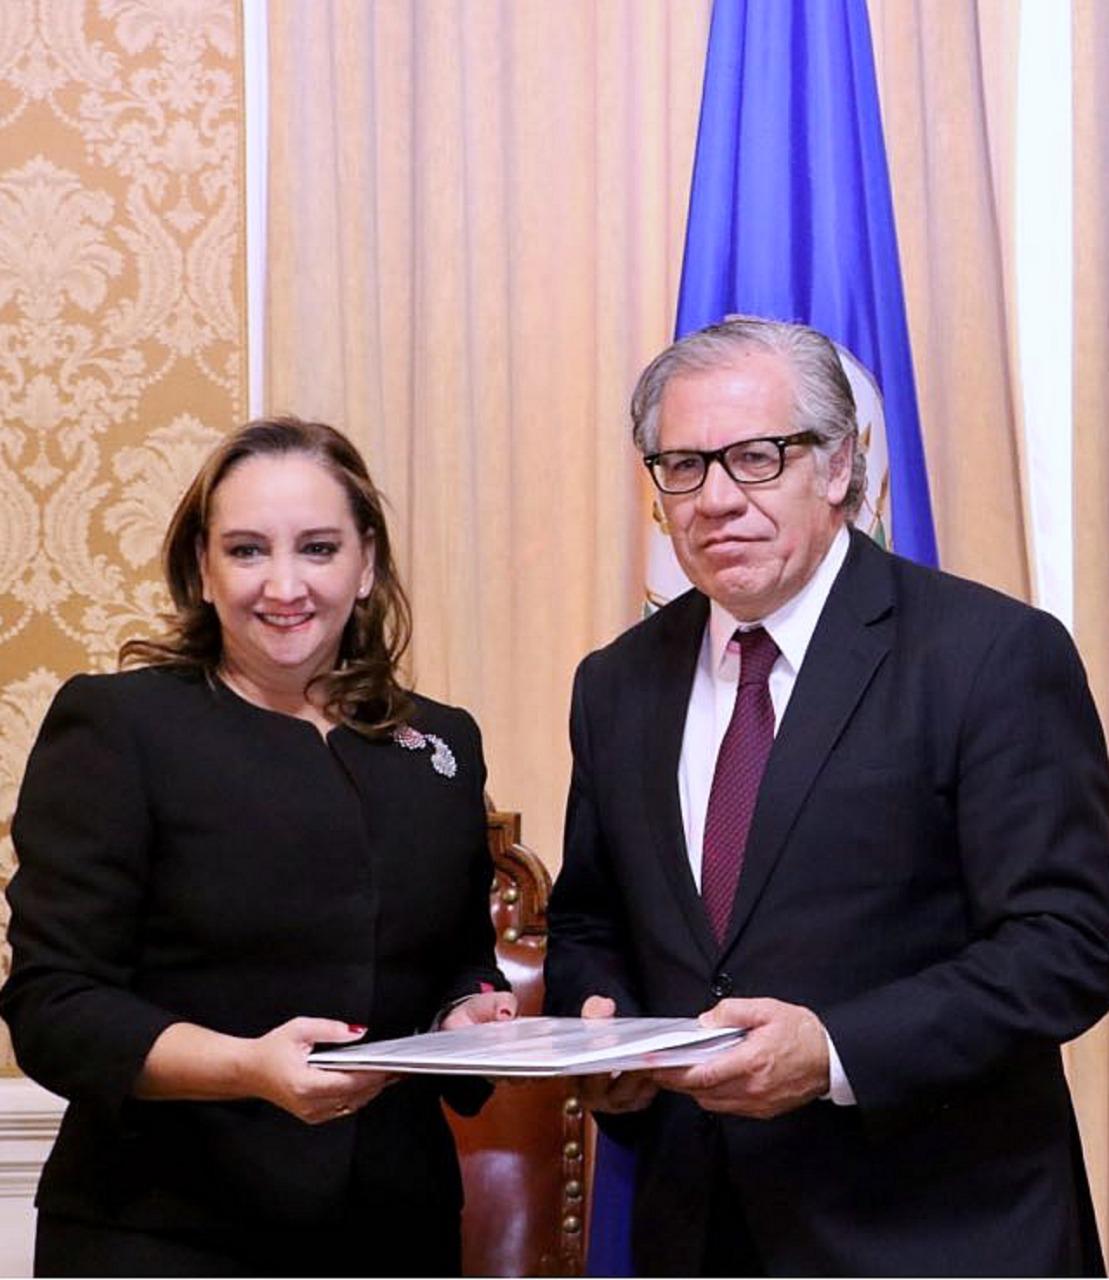 Anaya busca 'fuero de facto' con denuncia ante OEA, acusa Ruiz Massieu